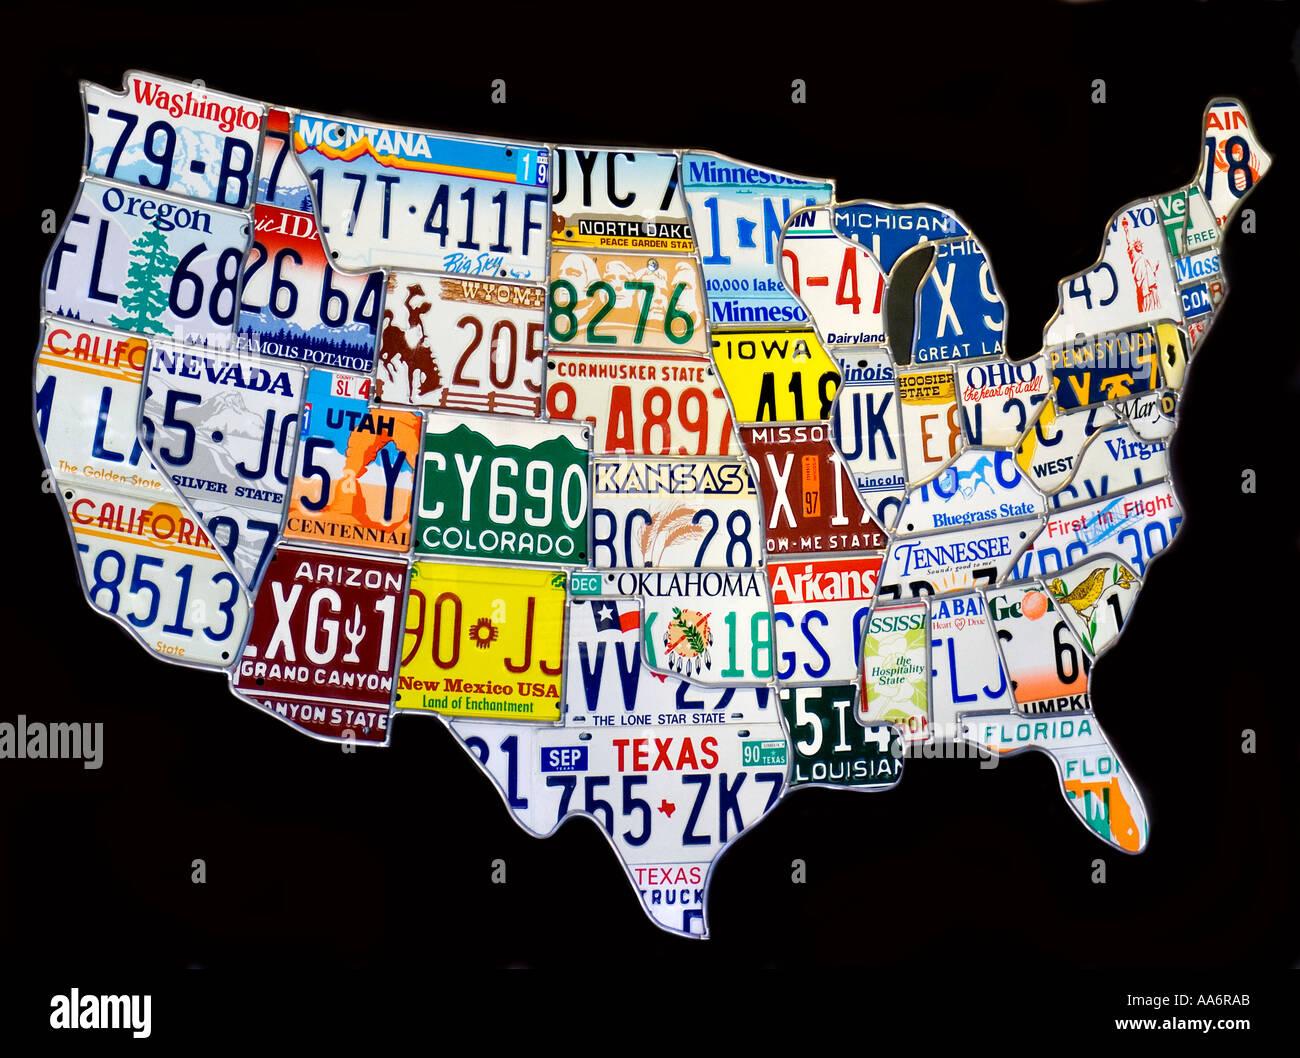 Carte des États-Unis d'Amérique a fait à partir d'un collage de métal placé géographiquement les plaques d'immatriculation des véhicules Photo Stock